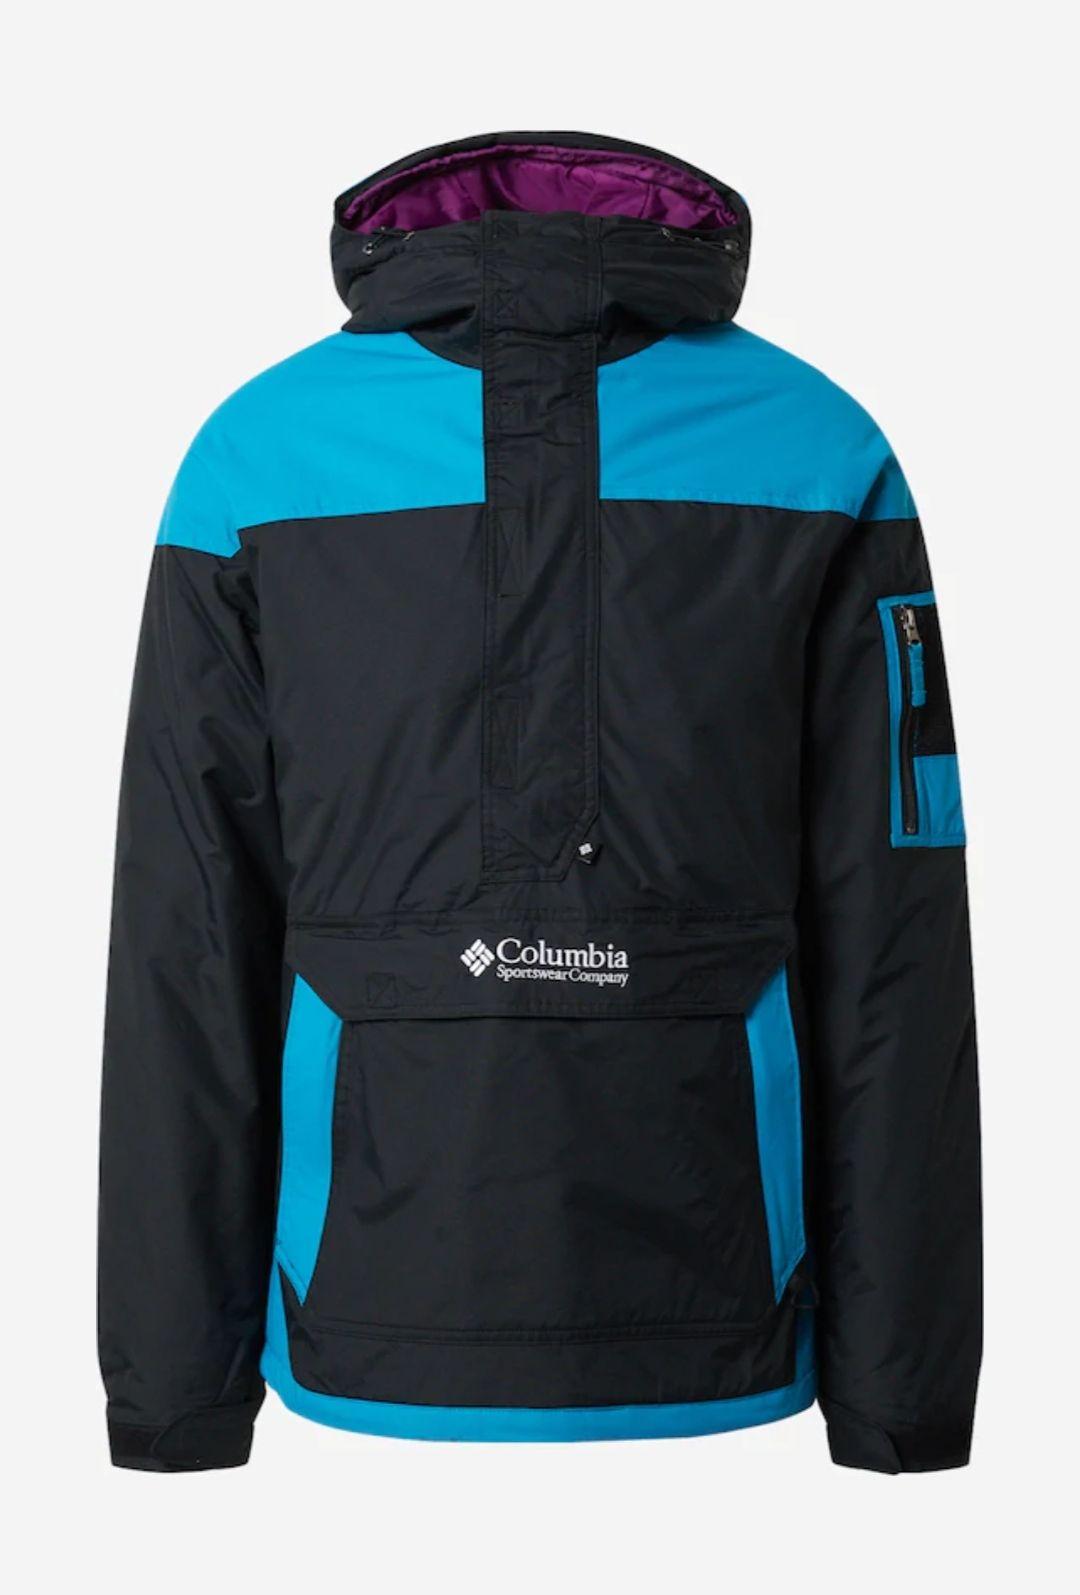 Columbia - chaqueta de montaña